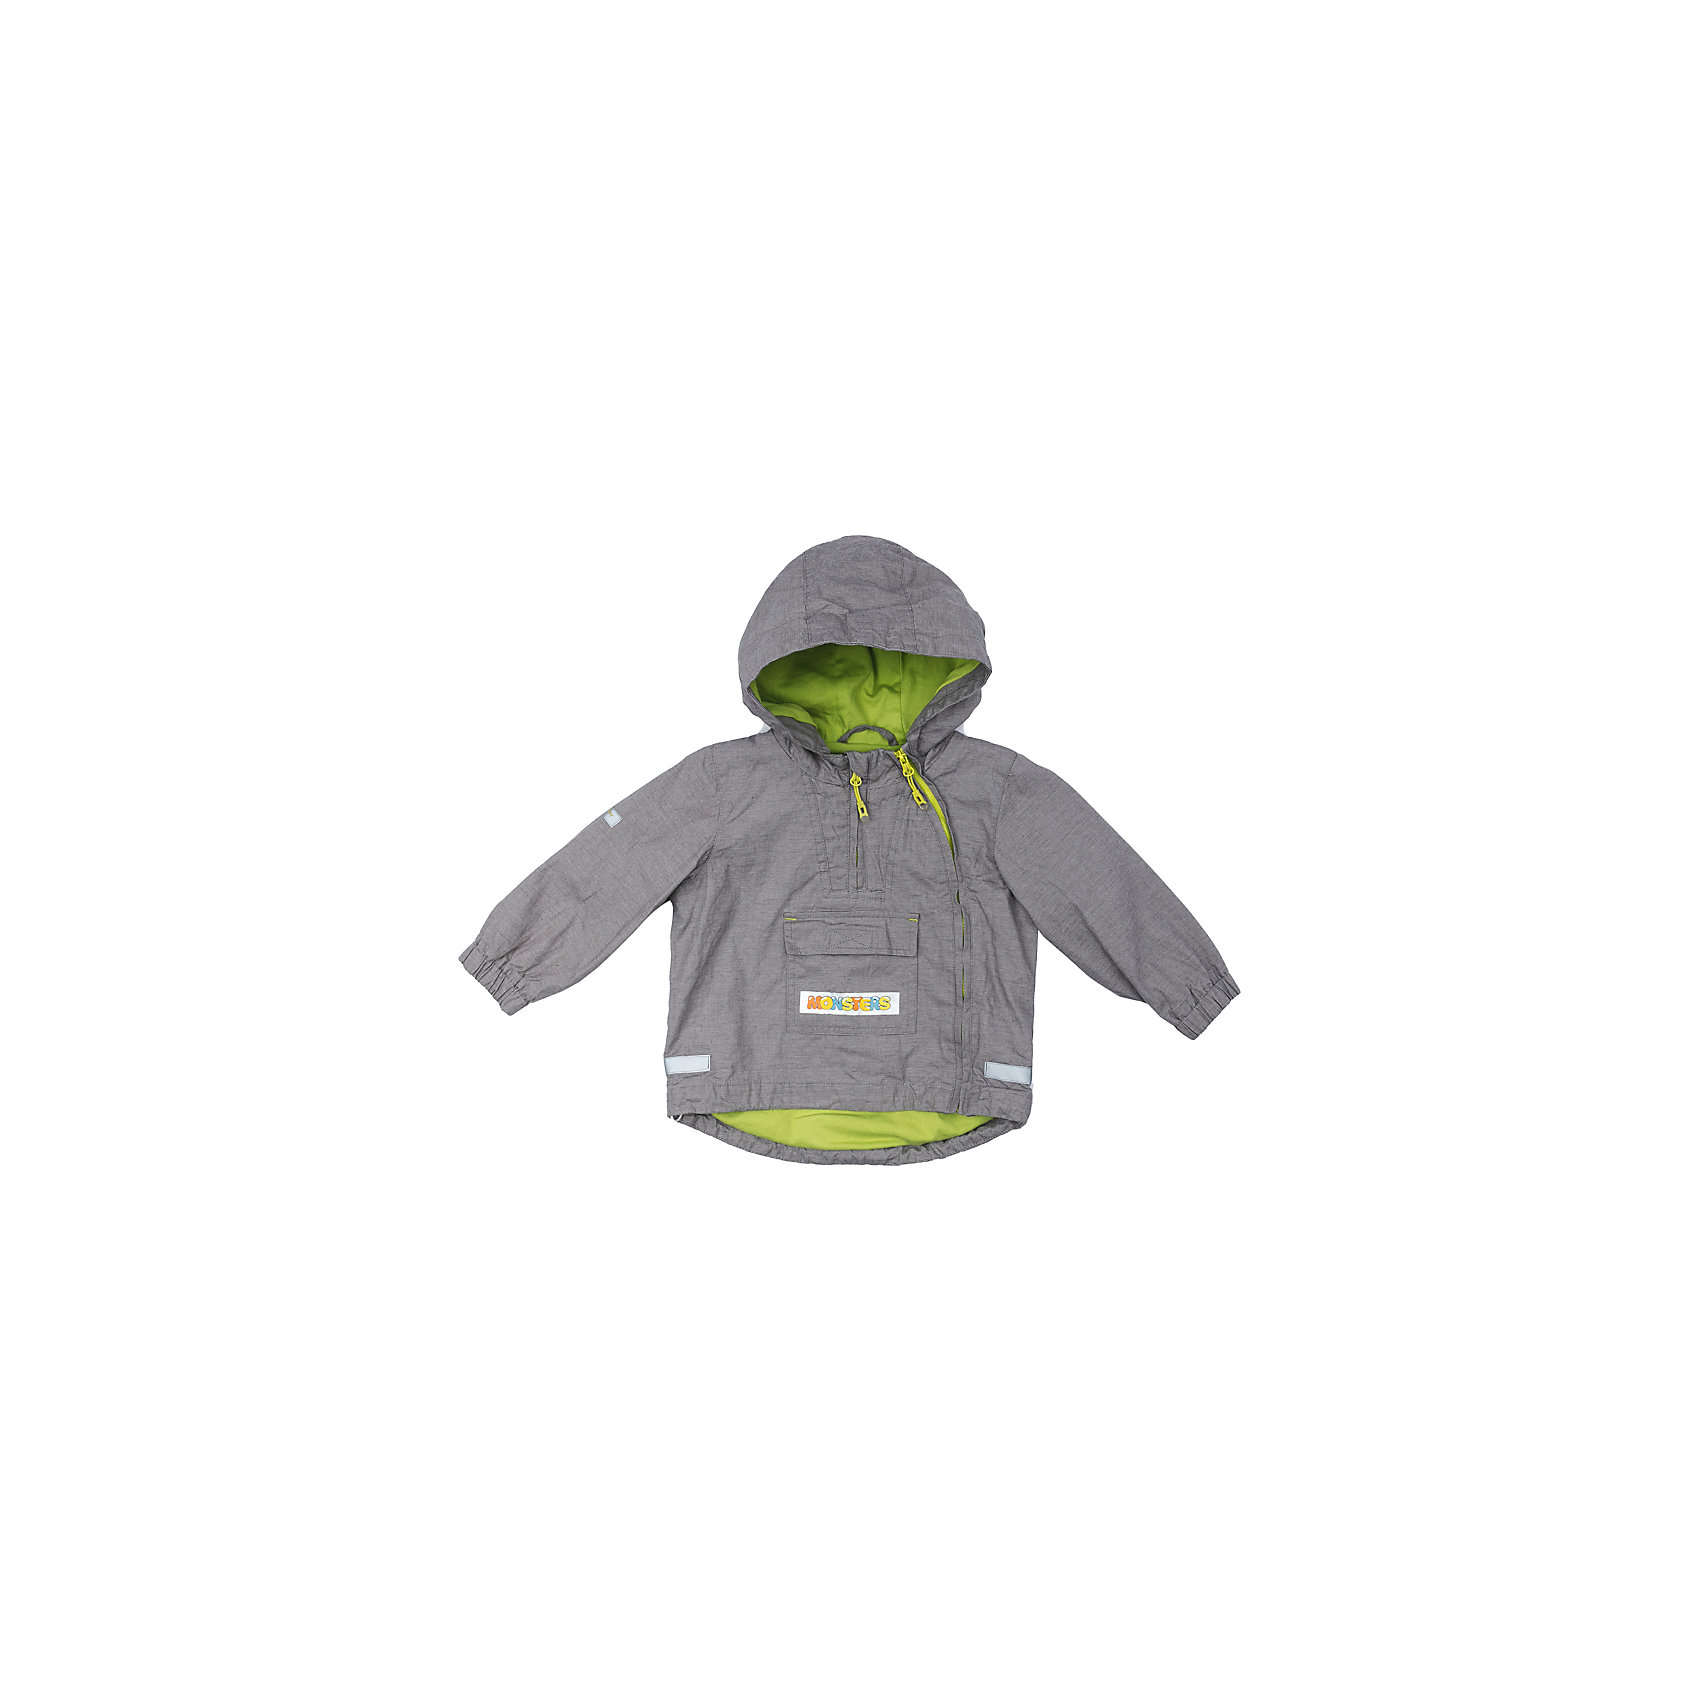 Куртка для мальчика PlayTodayВерхняя одежда<br>Куртка для мальчика PlayToday<br>Куртка из натурального хлопка с заниженной спинкой на подкладке из натуральных материалов прекрасно подойдет для прогулок в прохладную погоду. Модель со светоотражателями - Ваш ребенок будет виден в темное время суток. На куртке две застежки молнии. Одна расположена - на полочке, в районе груди. Ее можно расстегнуть, не боясь простудить ребенка. Вторая застежка - молния, с помощью которой изделие можно снимать и одевать, расположена ассиметрично. Специальный карман для застежек - молний не позволит застежкам травмировать нежную кожу ребенка. Модель декорирована большим удобным карманом.Преимущества: Защита подбородка. Специальный карман для фиксации застежки - молнии не позволит застежке травмировать нежную кожу ребенкаНатуральная ткань приятна к телу и не вызывает раздраженийСветоотражатели на рукаве и по низу изделия.<br>Состав:<br>Верх: 100% хлопок Подкладка: 80% хлопок 20% полиэстер<br><br>Ширина мм: 356<br>Глубина мм: 10<br>Высота мм: 245<br>Вес г: 519<br>Цвет: разноцветный<br>Возраст от месяцев: 6<br>Возраст до месяцев: 9<br>Пол: Мужской<br>Возраст: Детский<br>Размер: 74,92,80,86<br>SKU: 5407825